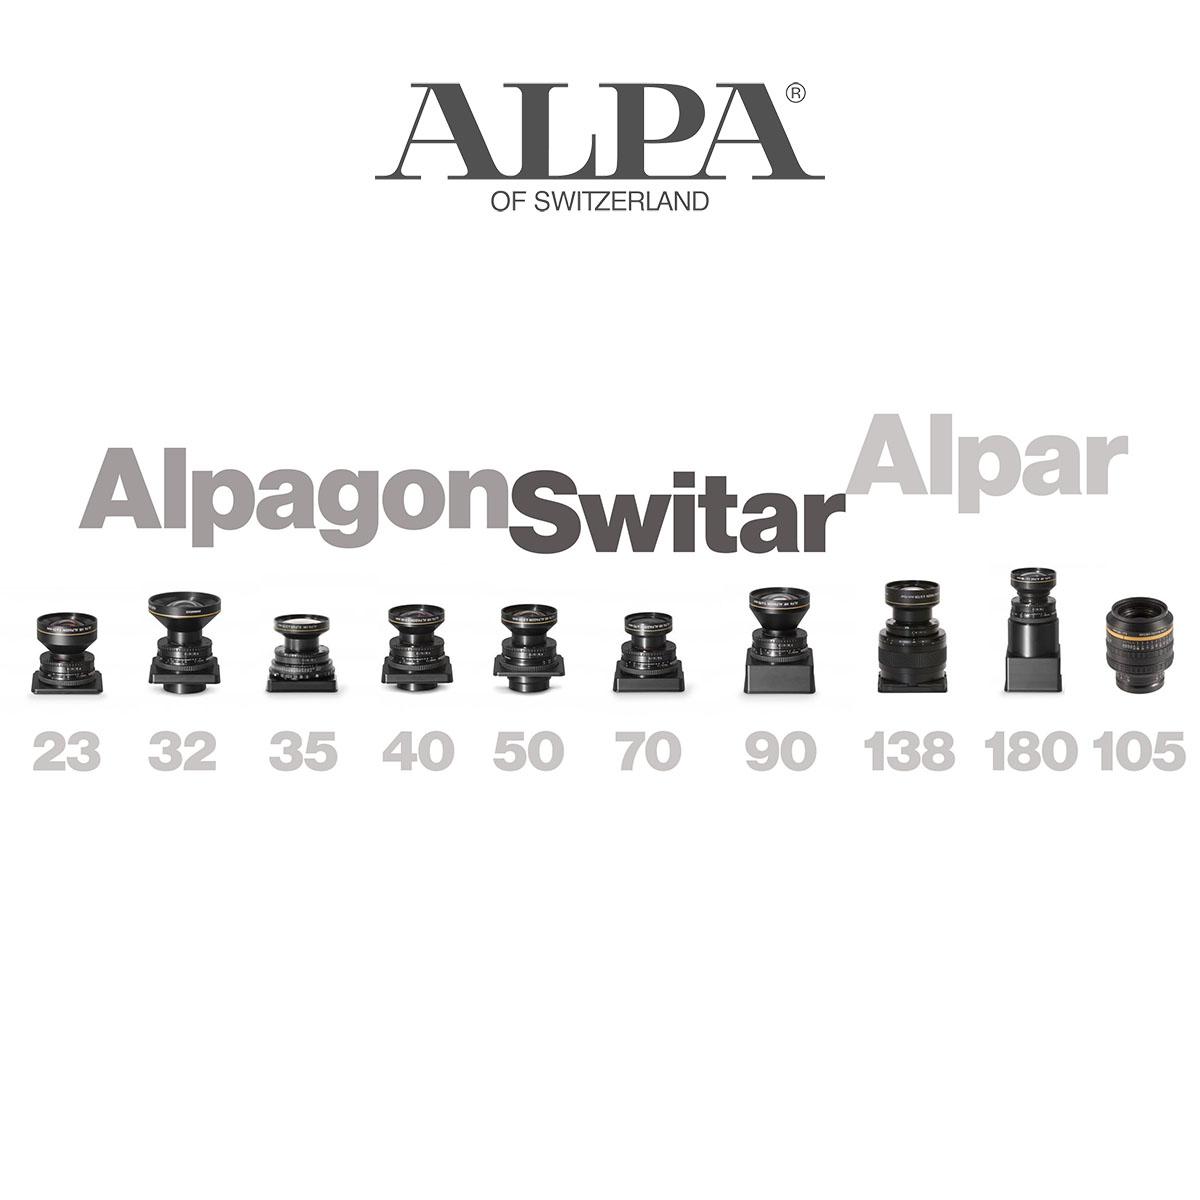 New Prices for ALPA / Rodenstock Lenses